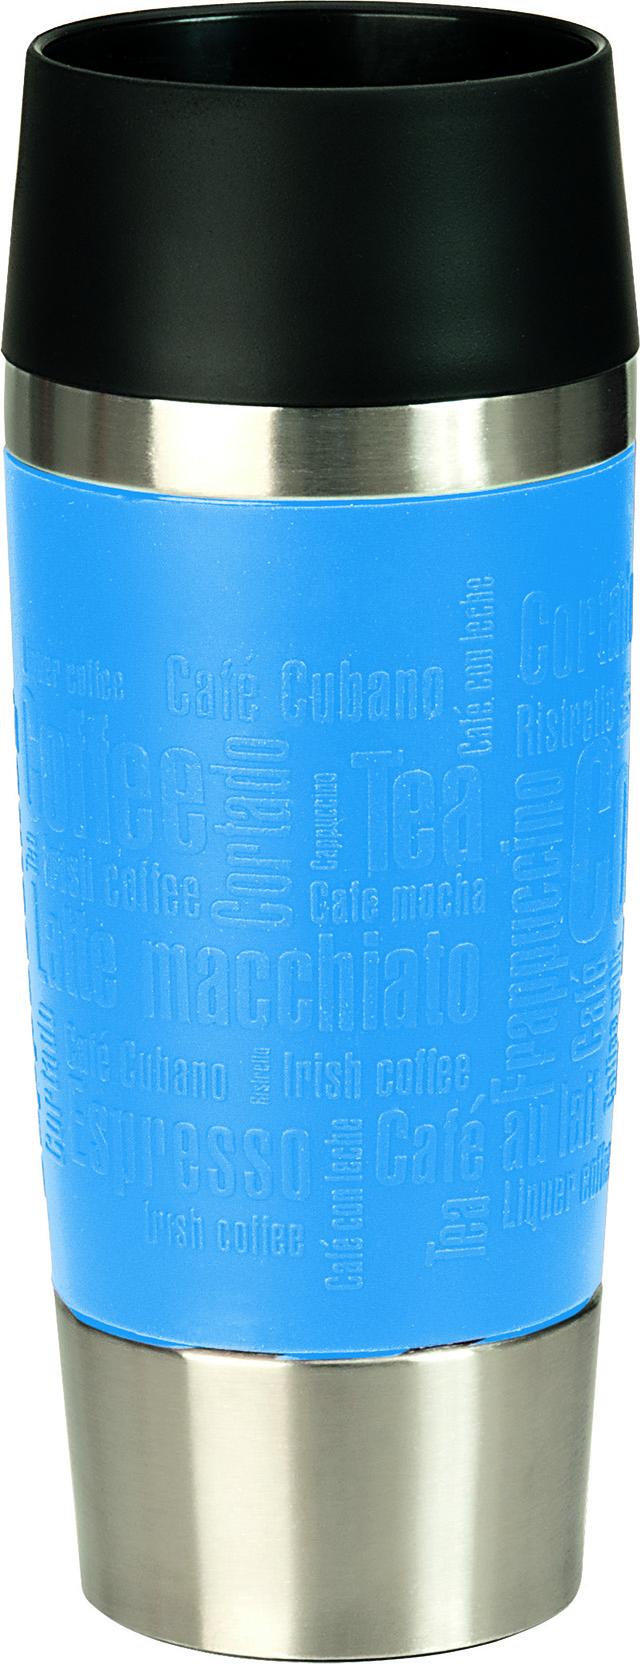 Термокружка Emsa Travel Mug, цвет: голубой, стальной, 0,36 л513552Термокружка Emsa Travel Mug - это идеальный попутчик в дороге - не важно, по пути ли на работу, в школу или во время похода по магазинам. Вакуумная кружка на 100% герметична. Кружка имеет двустенную вакуумную колбу из нержавеющей стали, благодаря чему температура жидкости сохраняется долгое время. Кружку удобно держать благодаря покрытию Soft Touch из силикона. Изделие открывается нажатием кнопки. Пробка разбирается и превосходно моется. Дно кружки выполнено из силикона, что препятствует скольжению. Диаметр кружки по верхнему краю: 8 см. Диаметр дна кружки: 6,5 см. Высота кружки: 20,5 см. Сохранение холодной температуры: 8 ч. Сохранение горячей температуры: 4 ч.